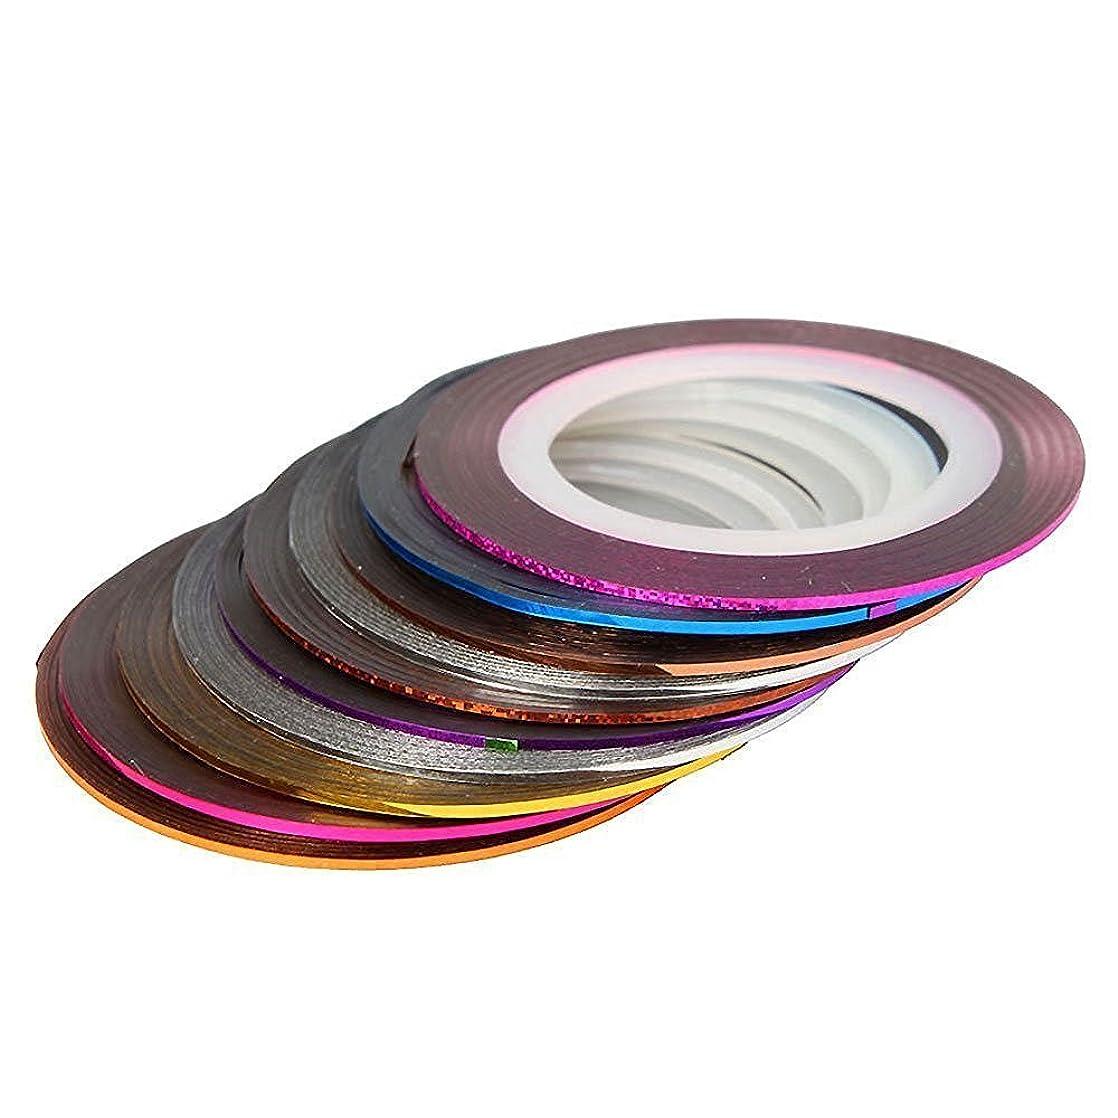 暴露するミリメーター指標Vi.yo ラインテープ ネイルデザインテープ ネイルアート用 DIYネイルチップ用 自己粘着性 30色 カラーネイルアートセット